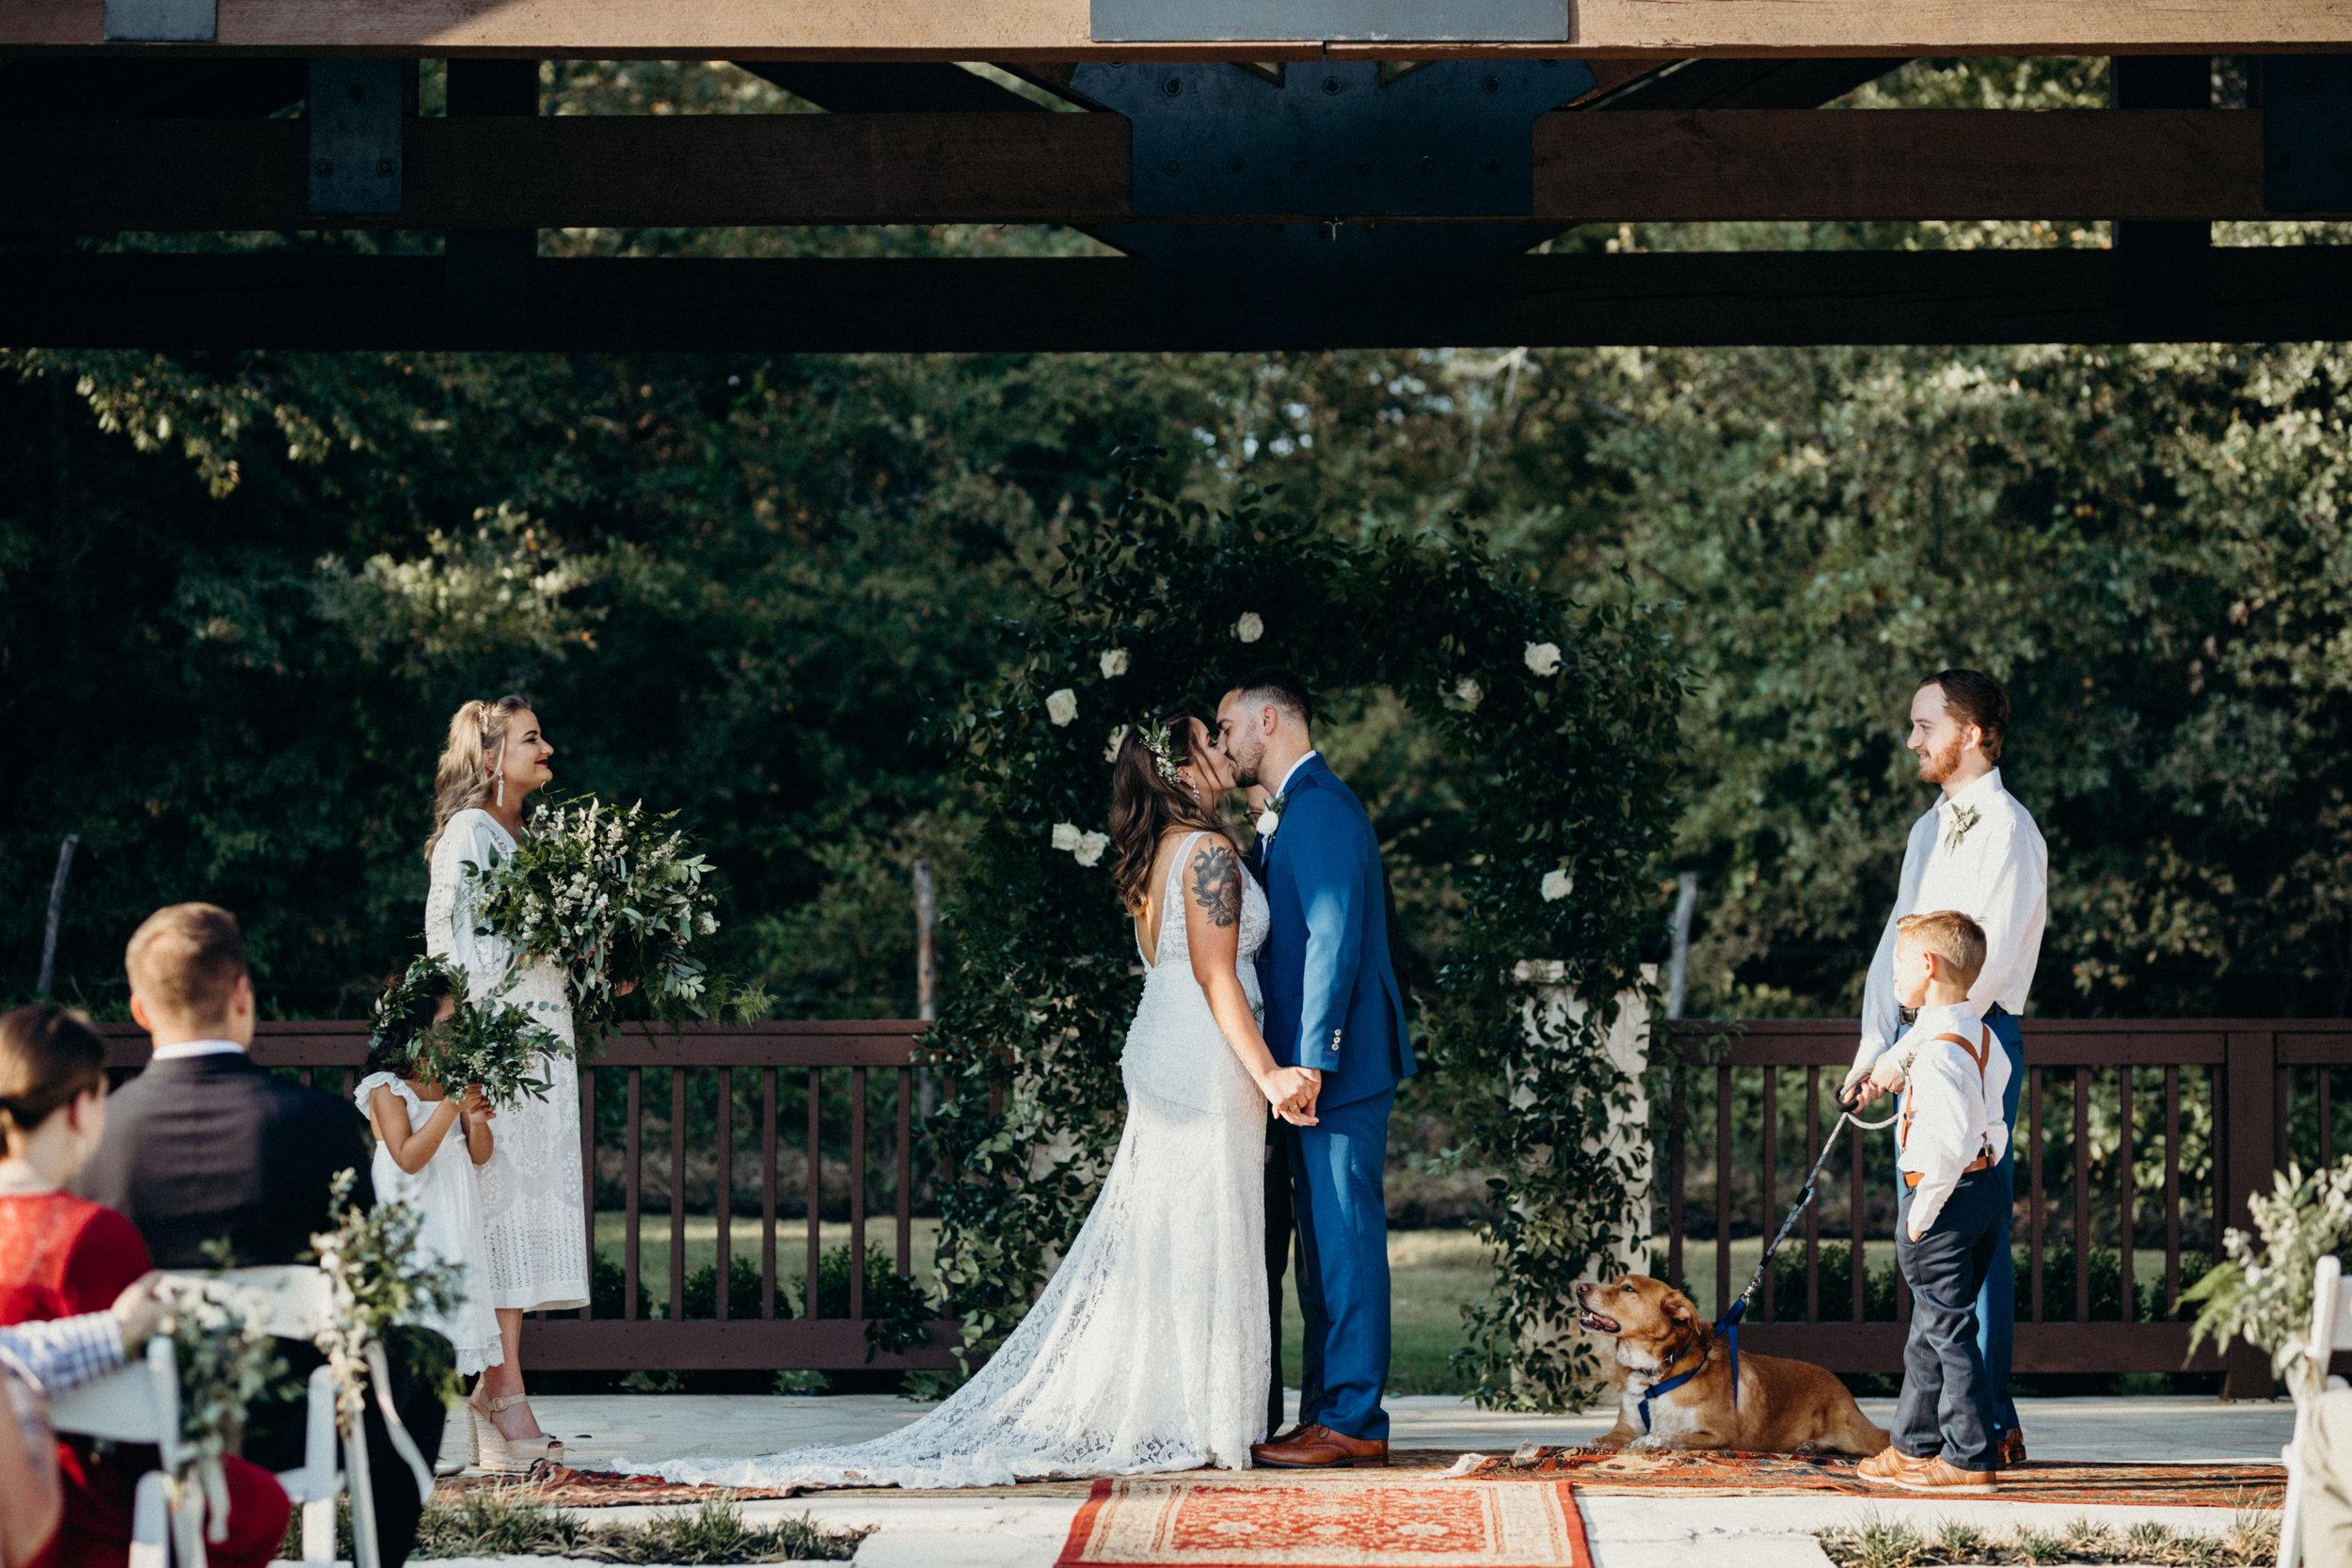 dietzen_aubrey-texas-the-springs-wedding_022-1.jpg